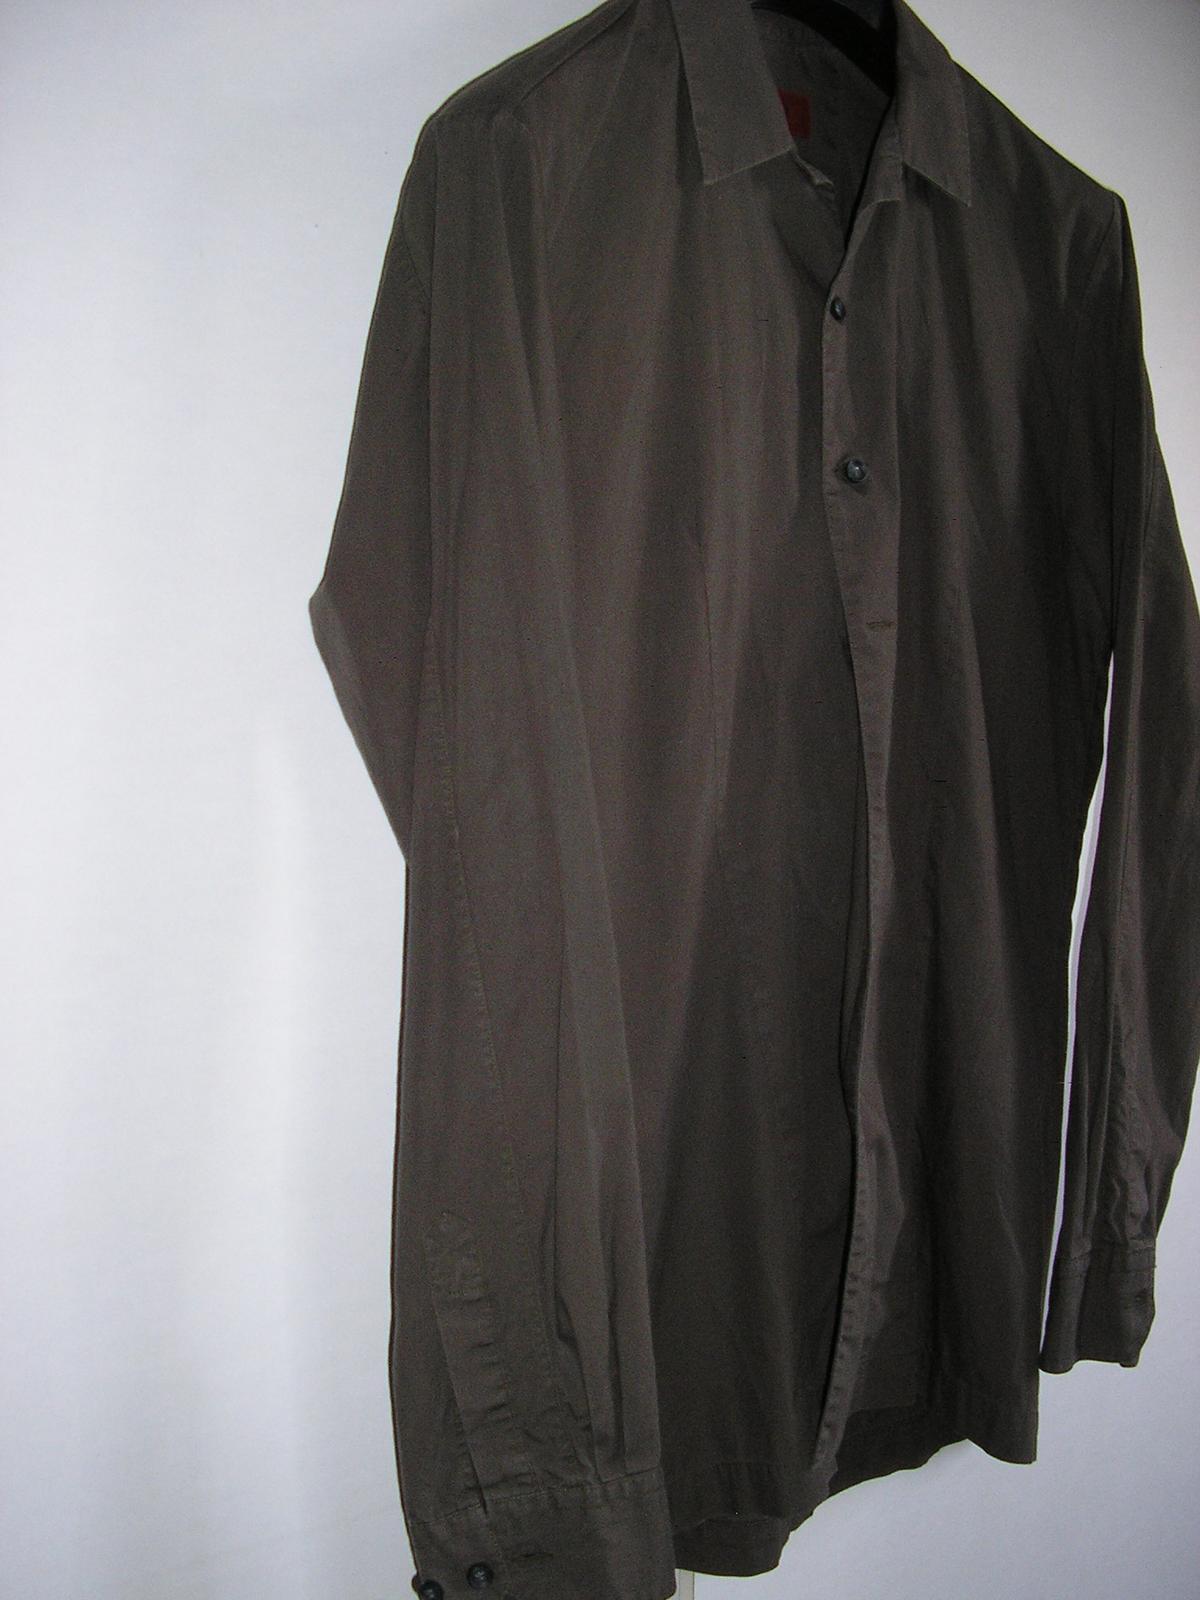 474. Pánska košeľa                              - Obrázok č. 1